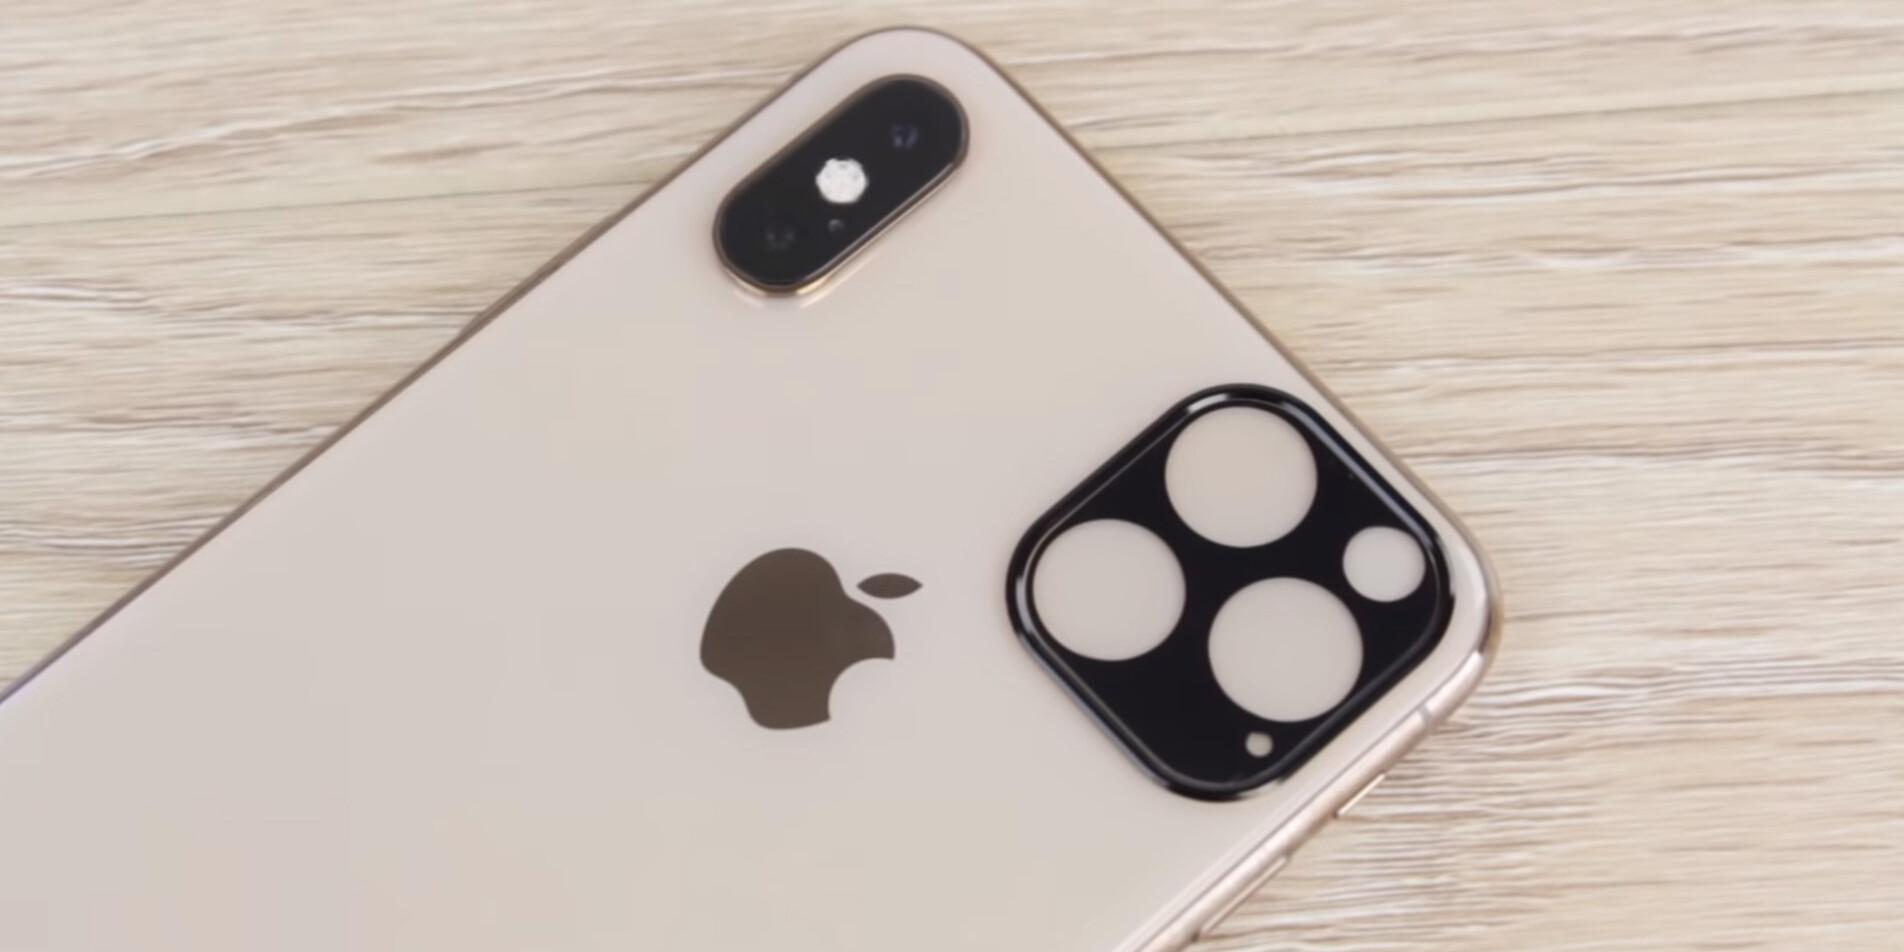 iPhone XI lộ hết thiết kế camera mới của 3 phiên bản, bị leak bất ngờ bởi đối tác của Apple - Ảnh 2.